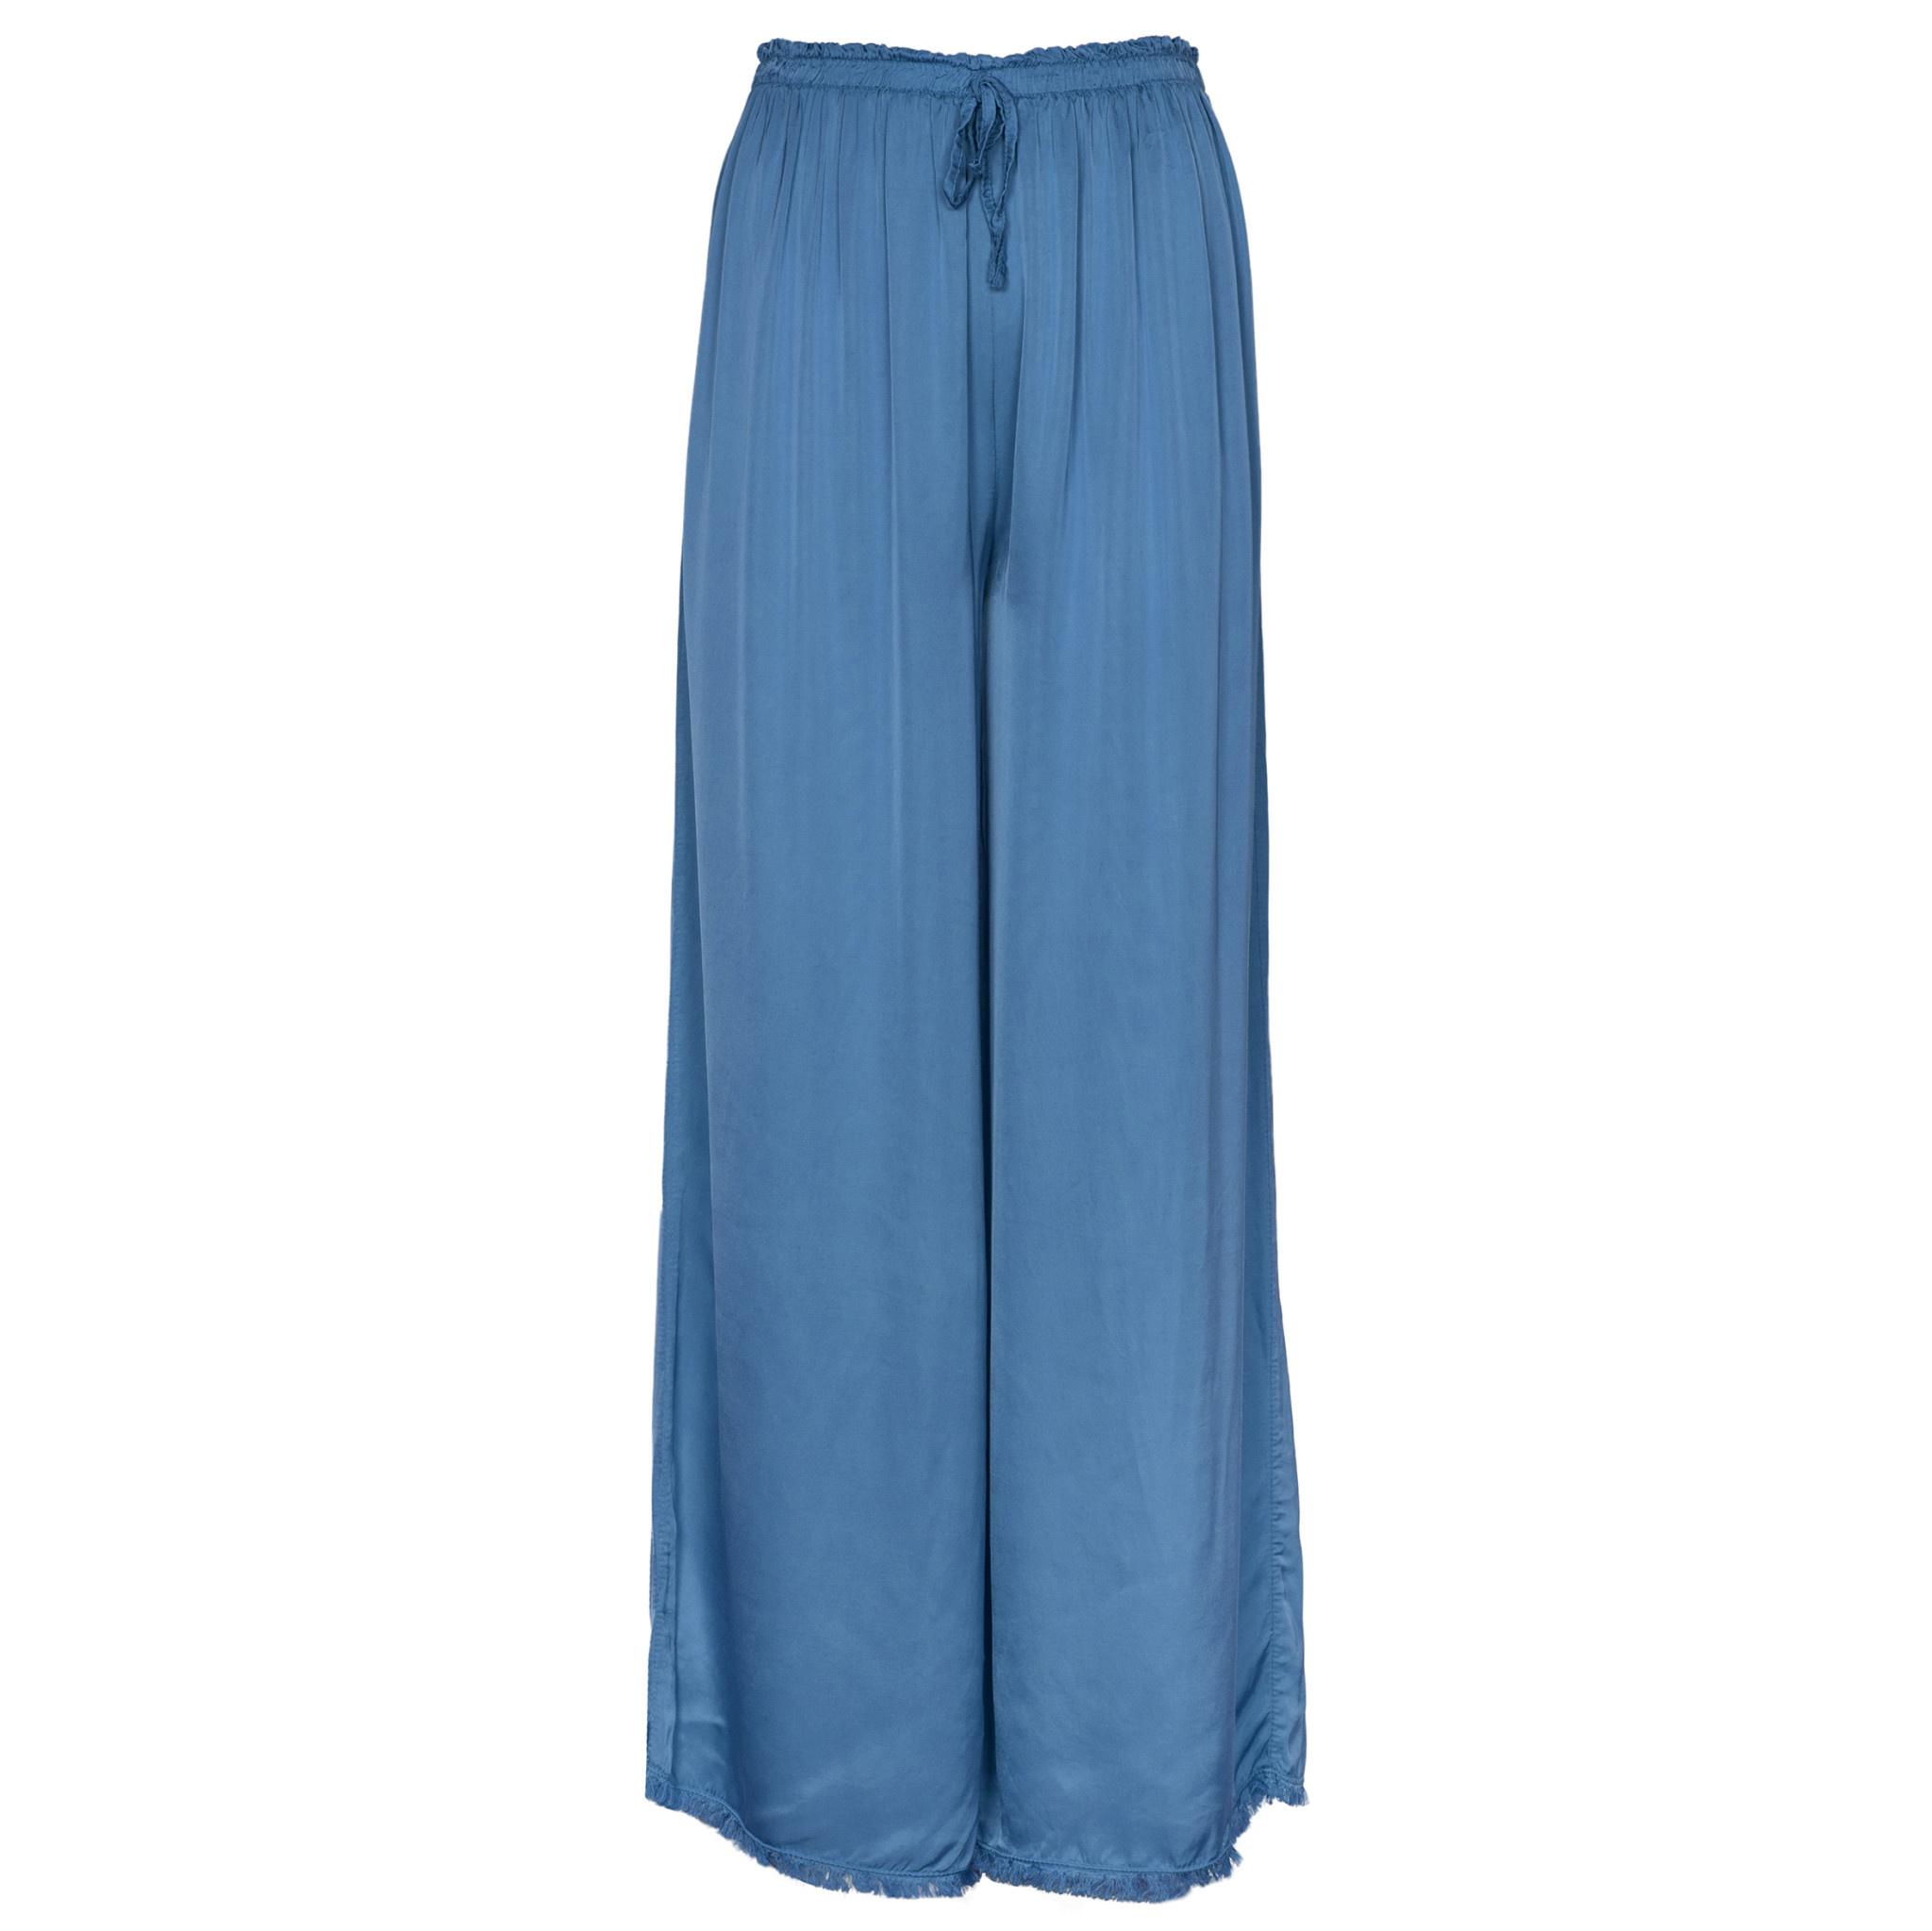 Pants 9675